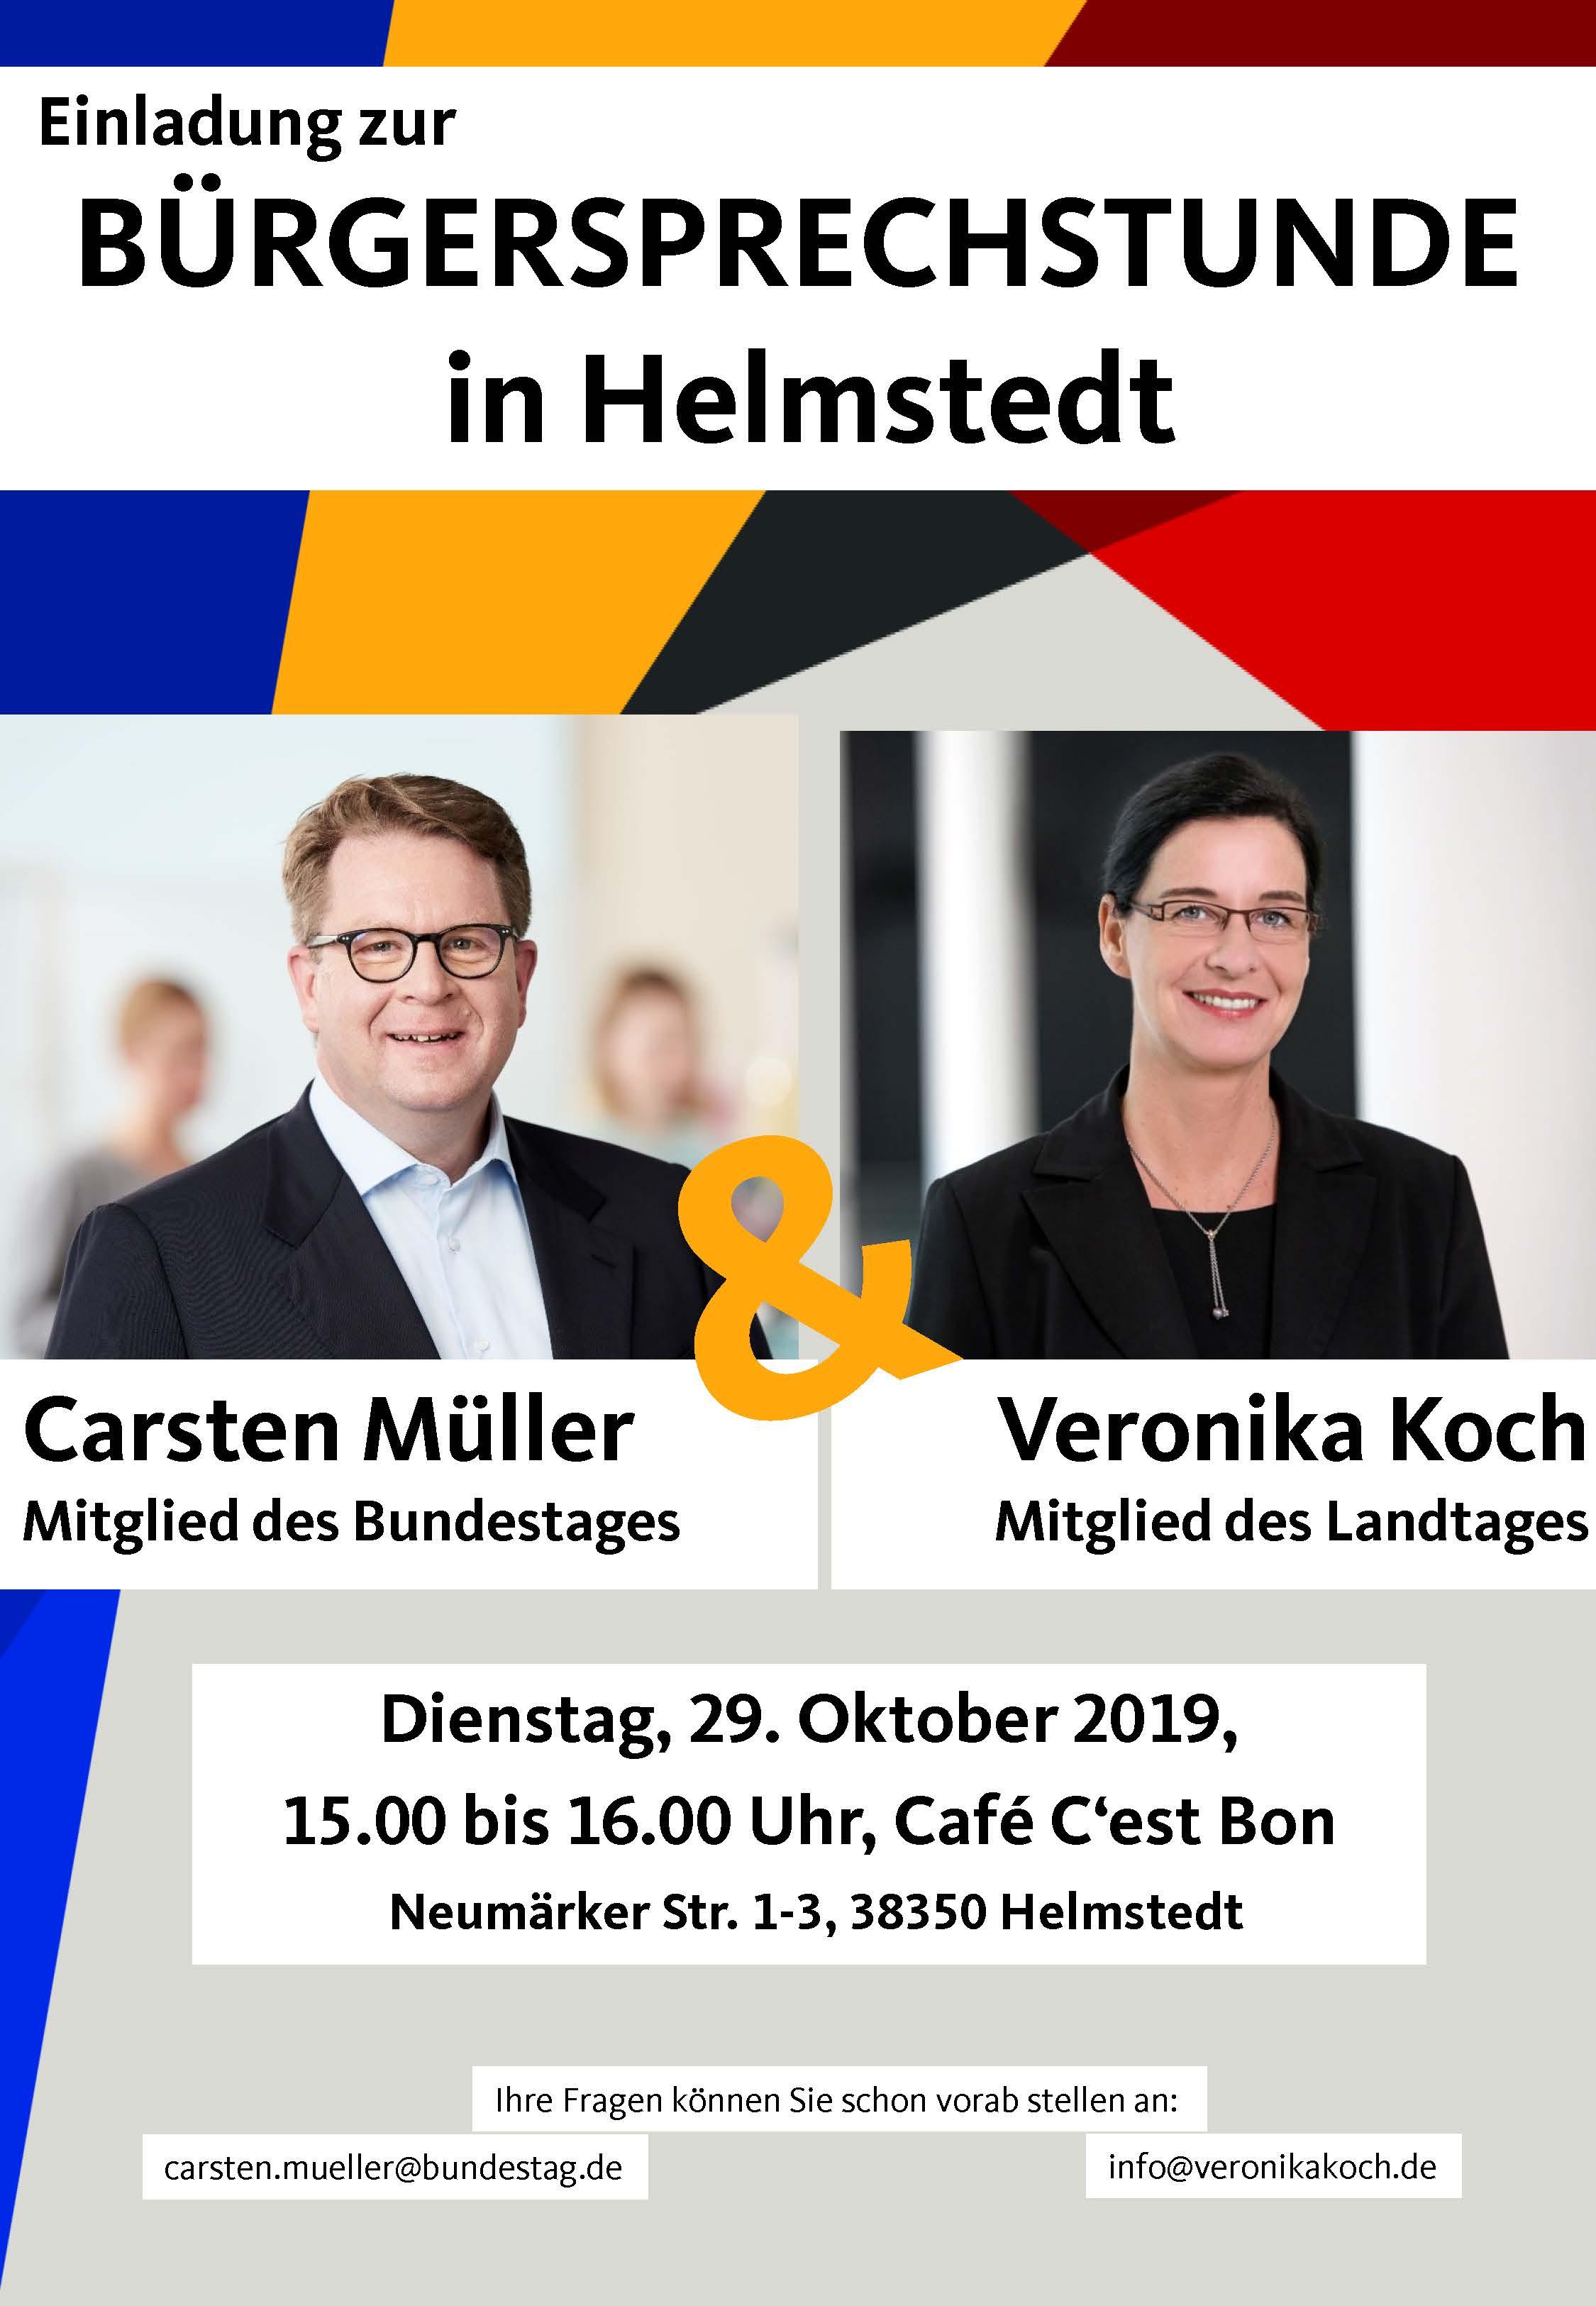 Veronika Koch (MdL), Carsten Müller (MdB)